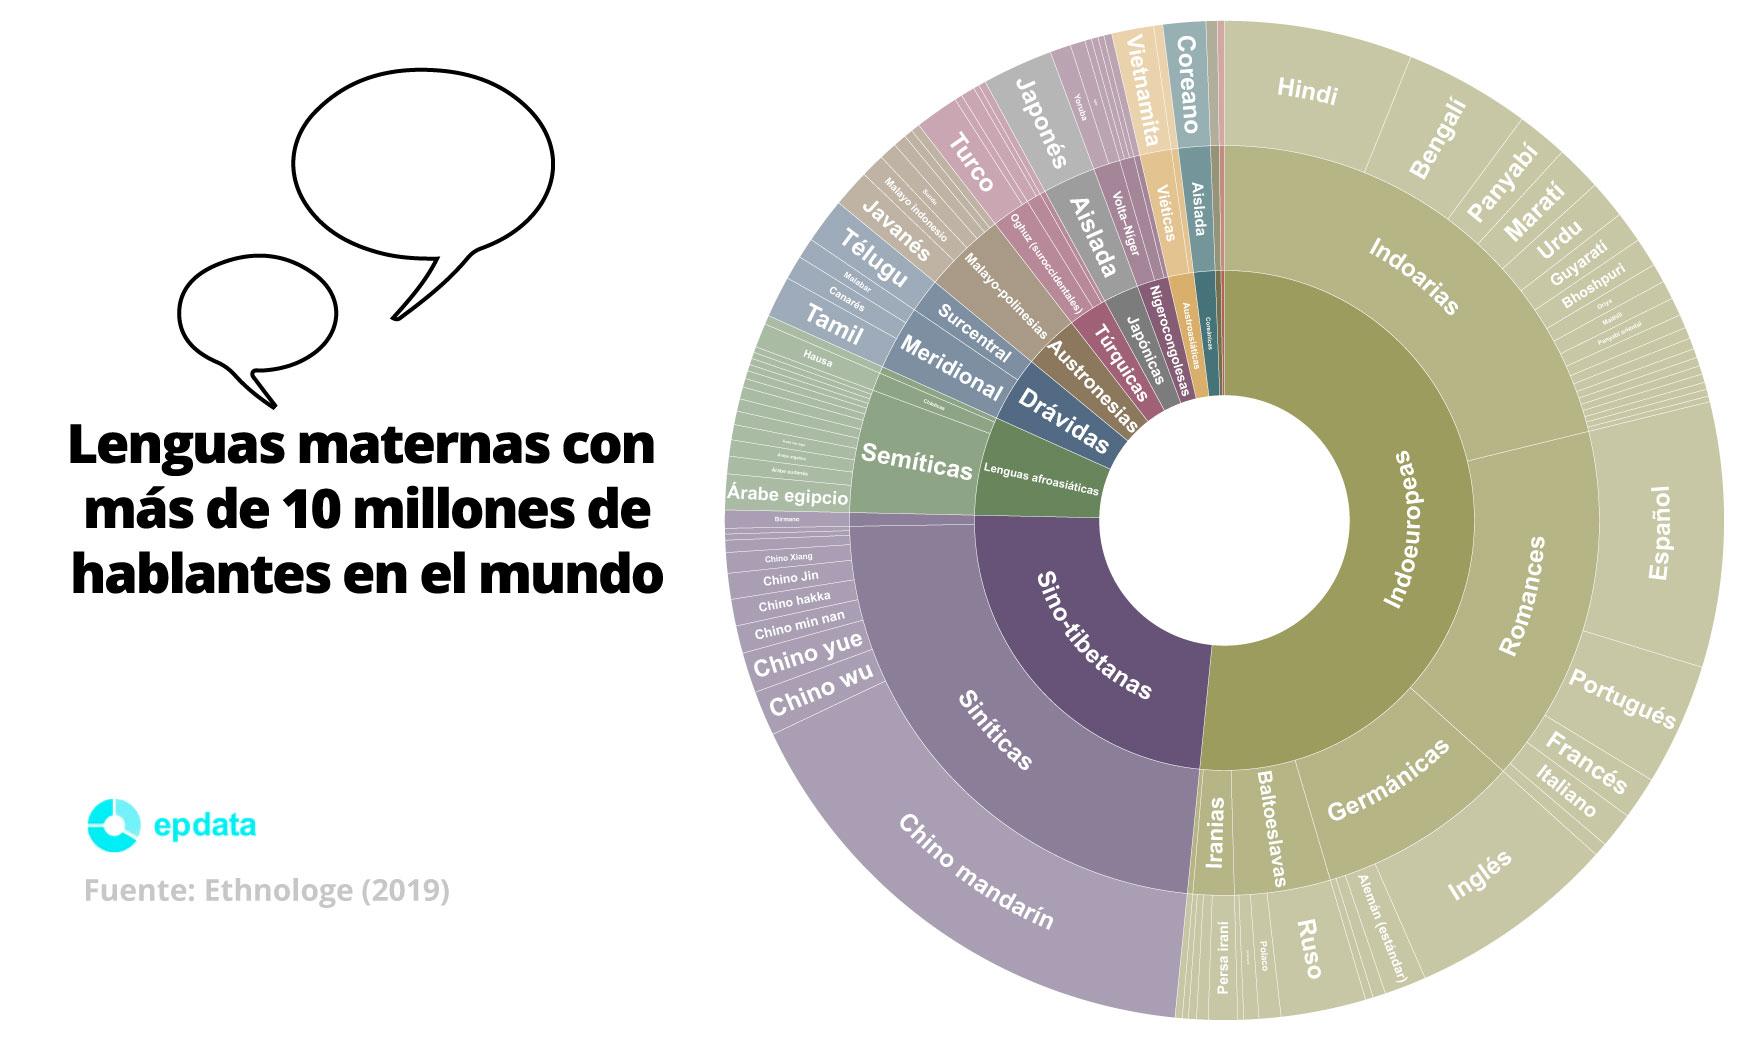 Lenguas maternas con más de 10 millones de hablantes en el mundo